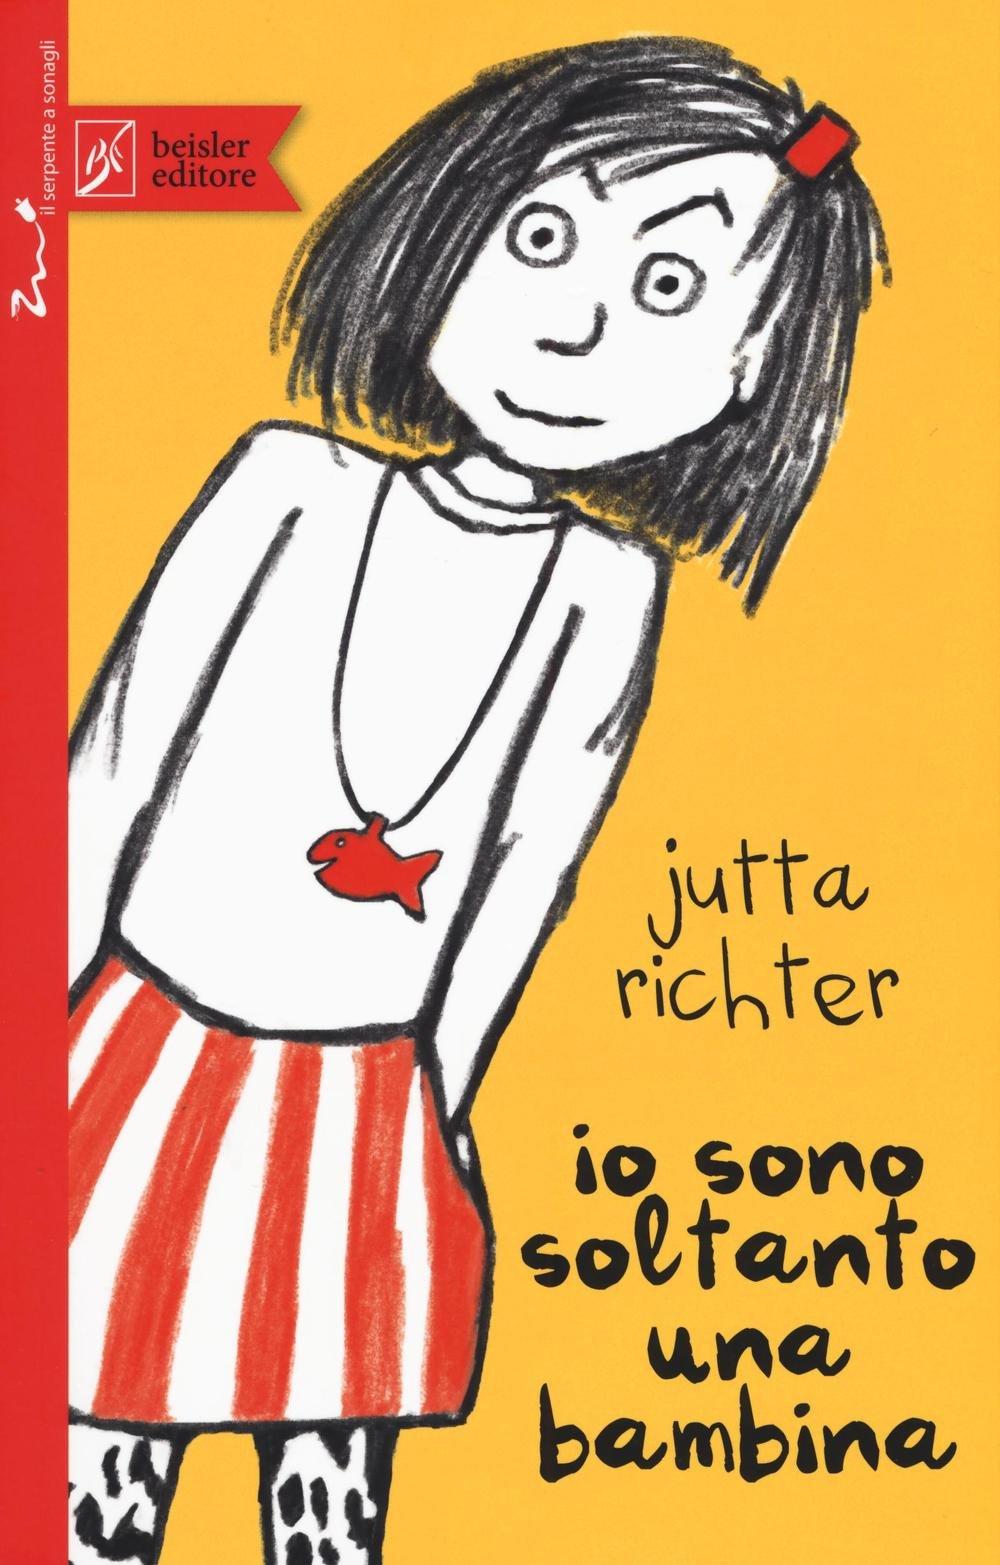 Io sono soltanto una bambina di Jutta Richter (Beisler editore)